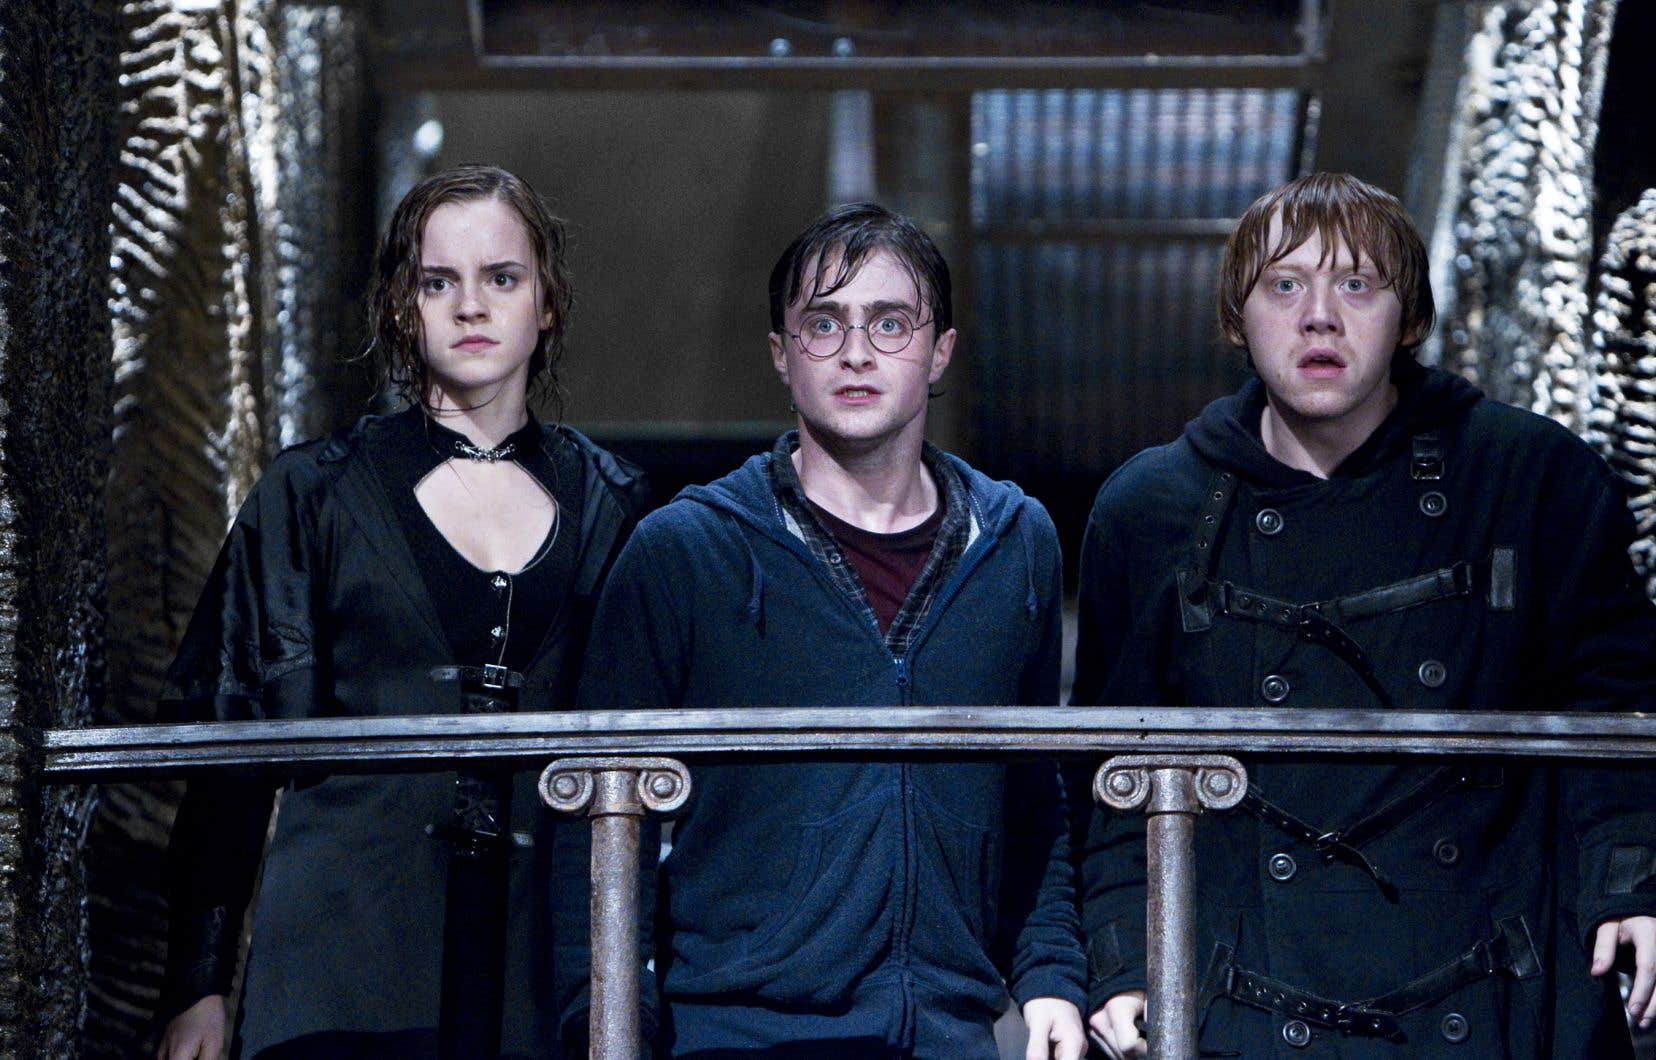 Une équipe de chercheurs de l'Université de Modène s'est demandé si la lecture des aventures de Harry Potter pouvait réduire les préjugés racistes, homophobes et anti-réfugiés